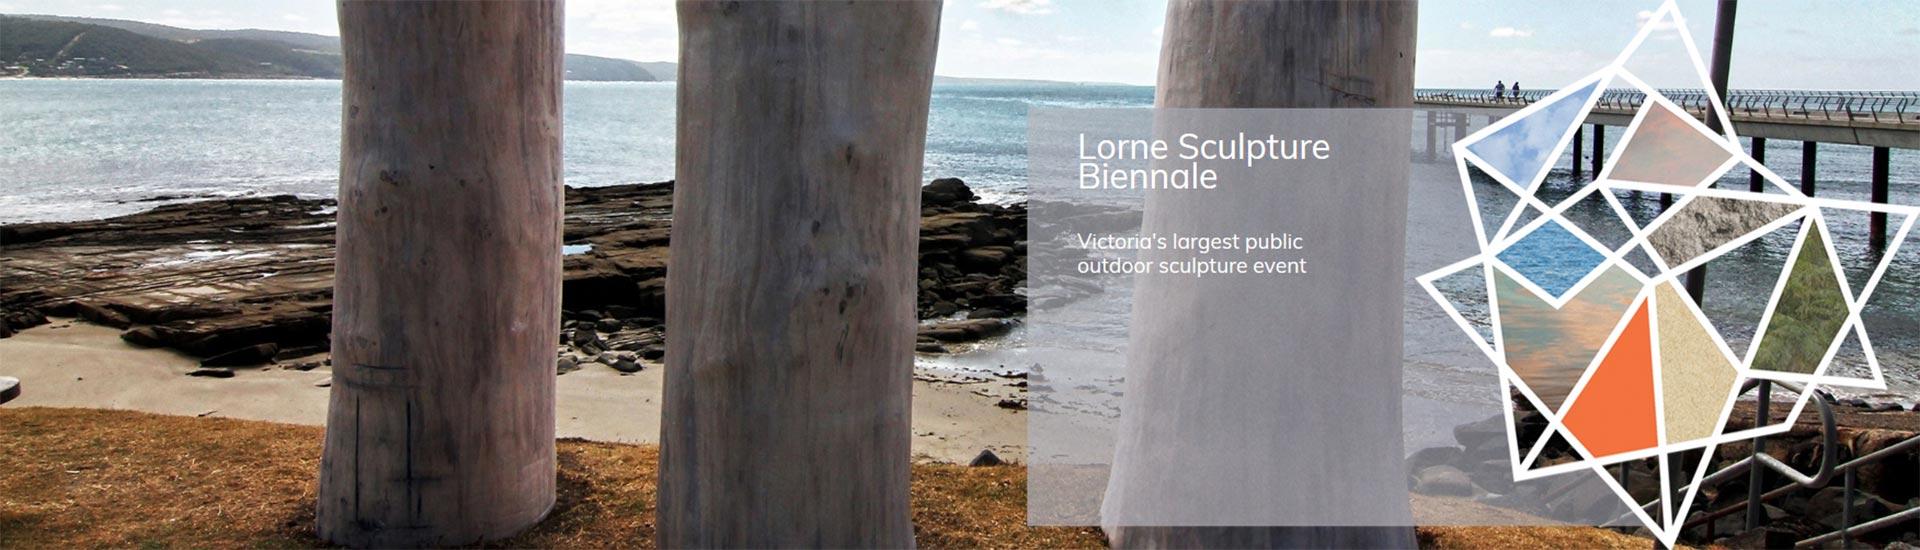 Lorne Sculpture Biennale header